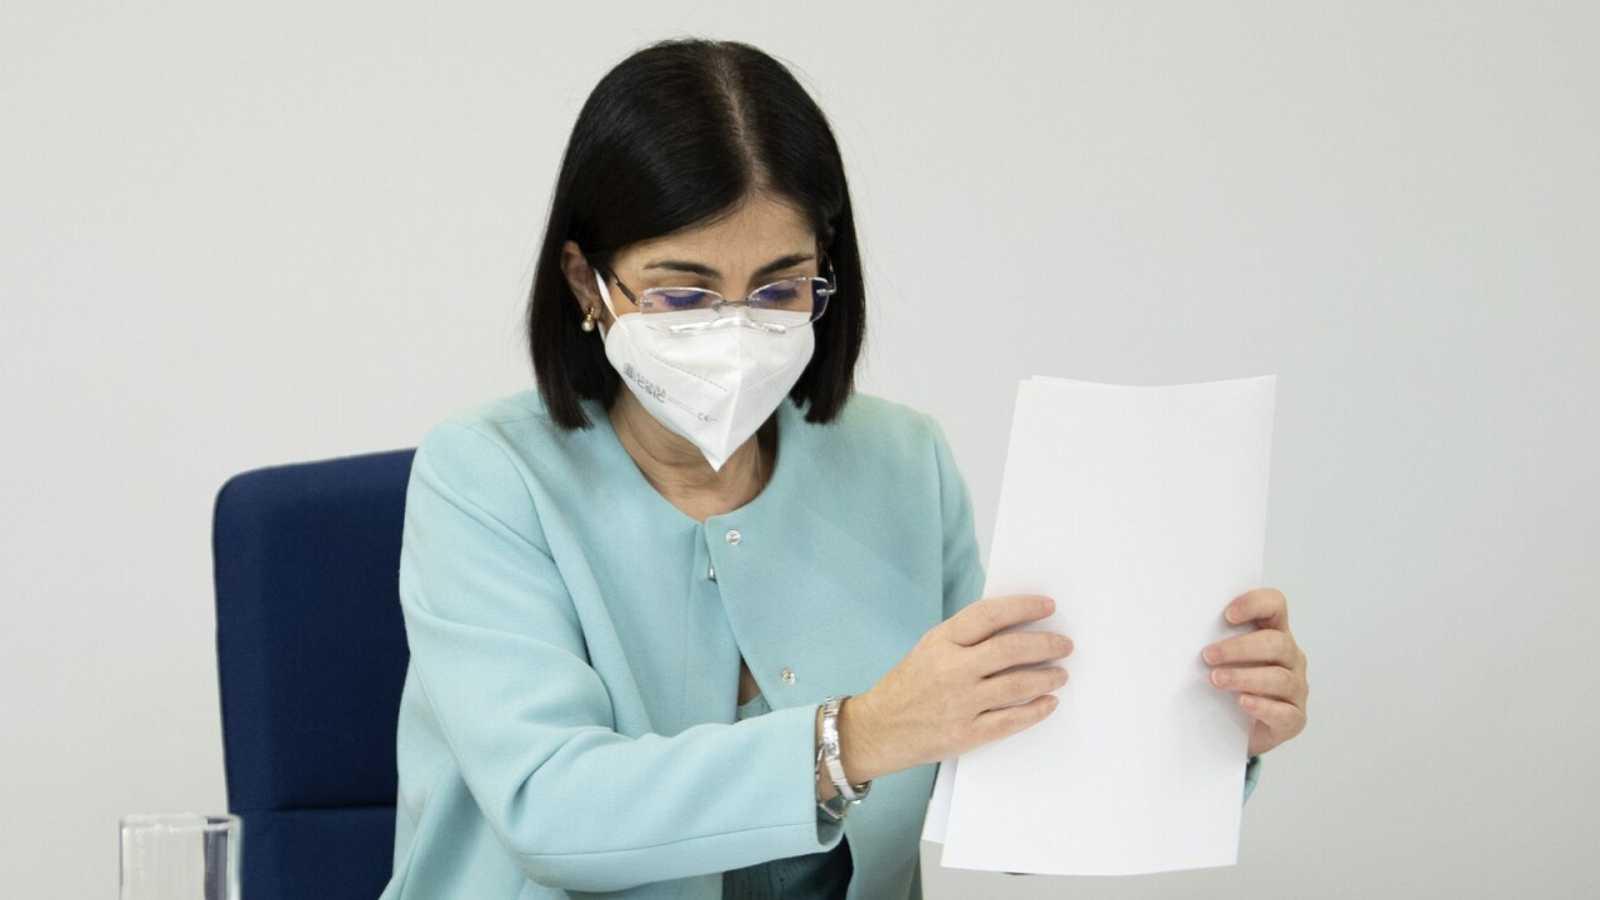 Especial informativo - Comparecencia de la ministra de Sanidad - 17/03/21 - ver ahora